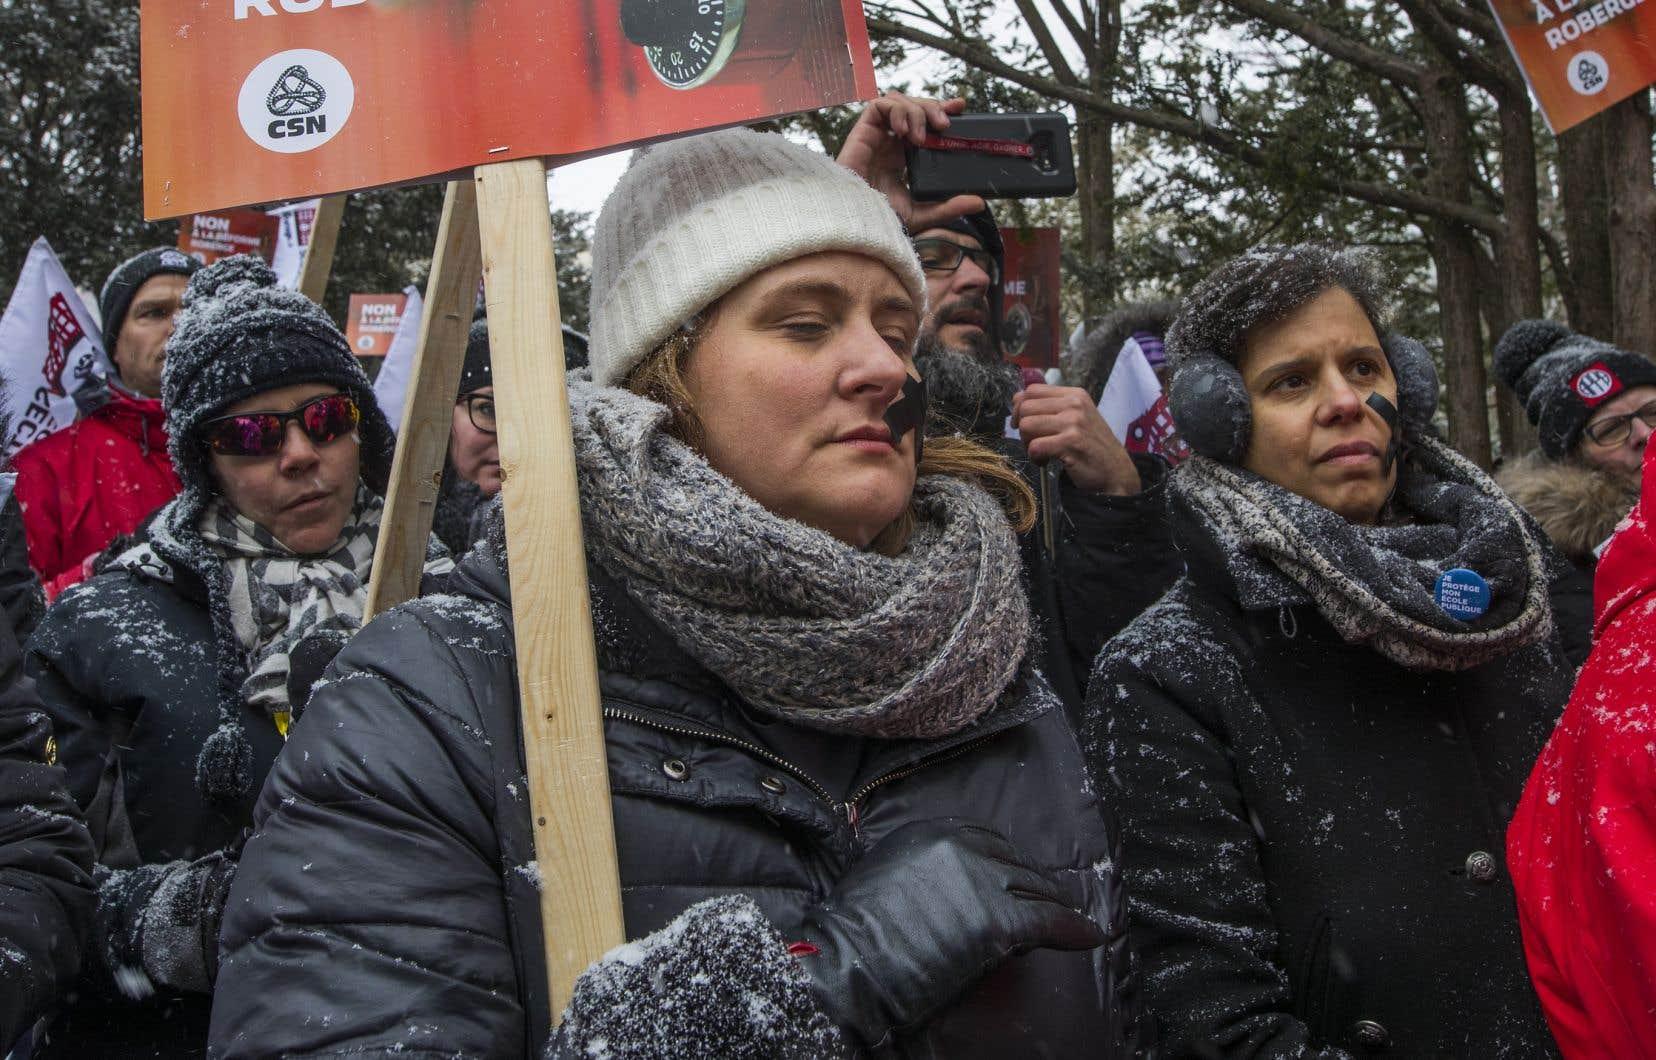 La présidente de la Commission scolaire de Montréal, Catherine Harel Bourdon a participé à une manifestation, aux côtés de syndiqués du milieu scolaire, pour dénoncer l'adoption sous bâillon du projet de loi 40.